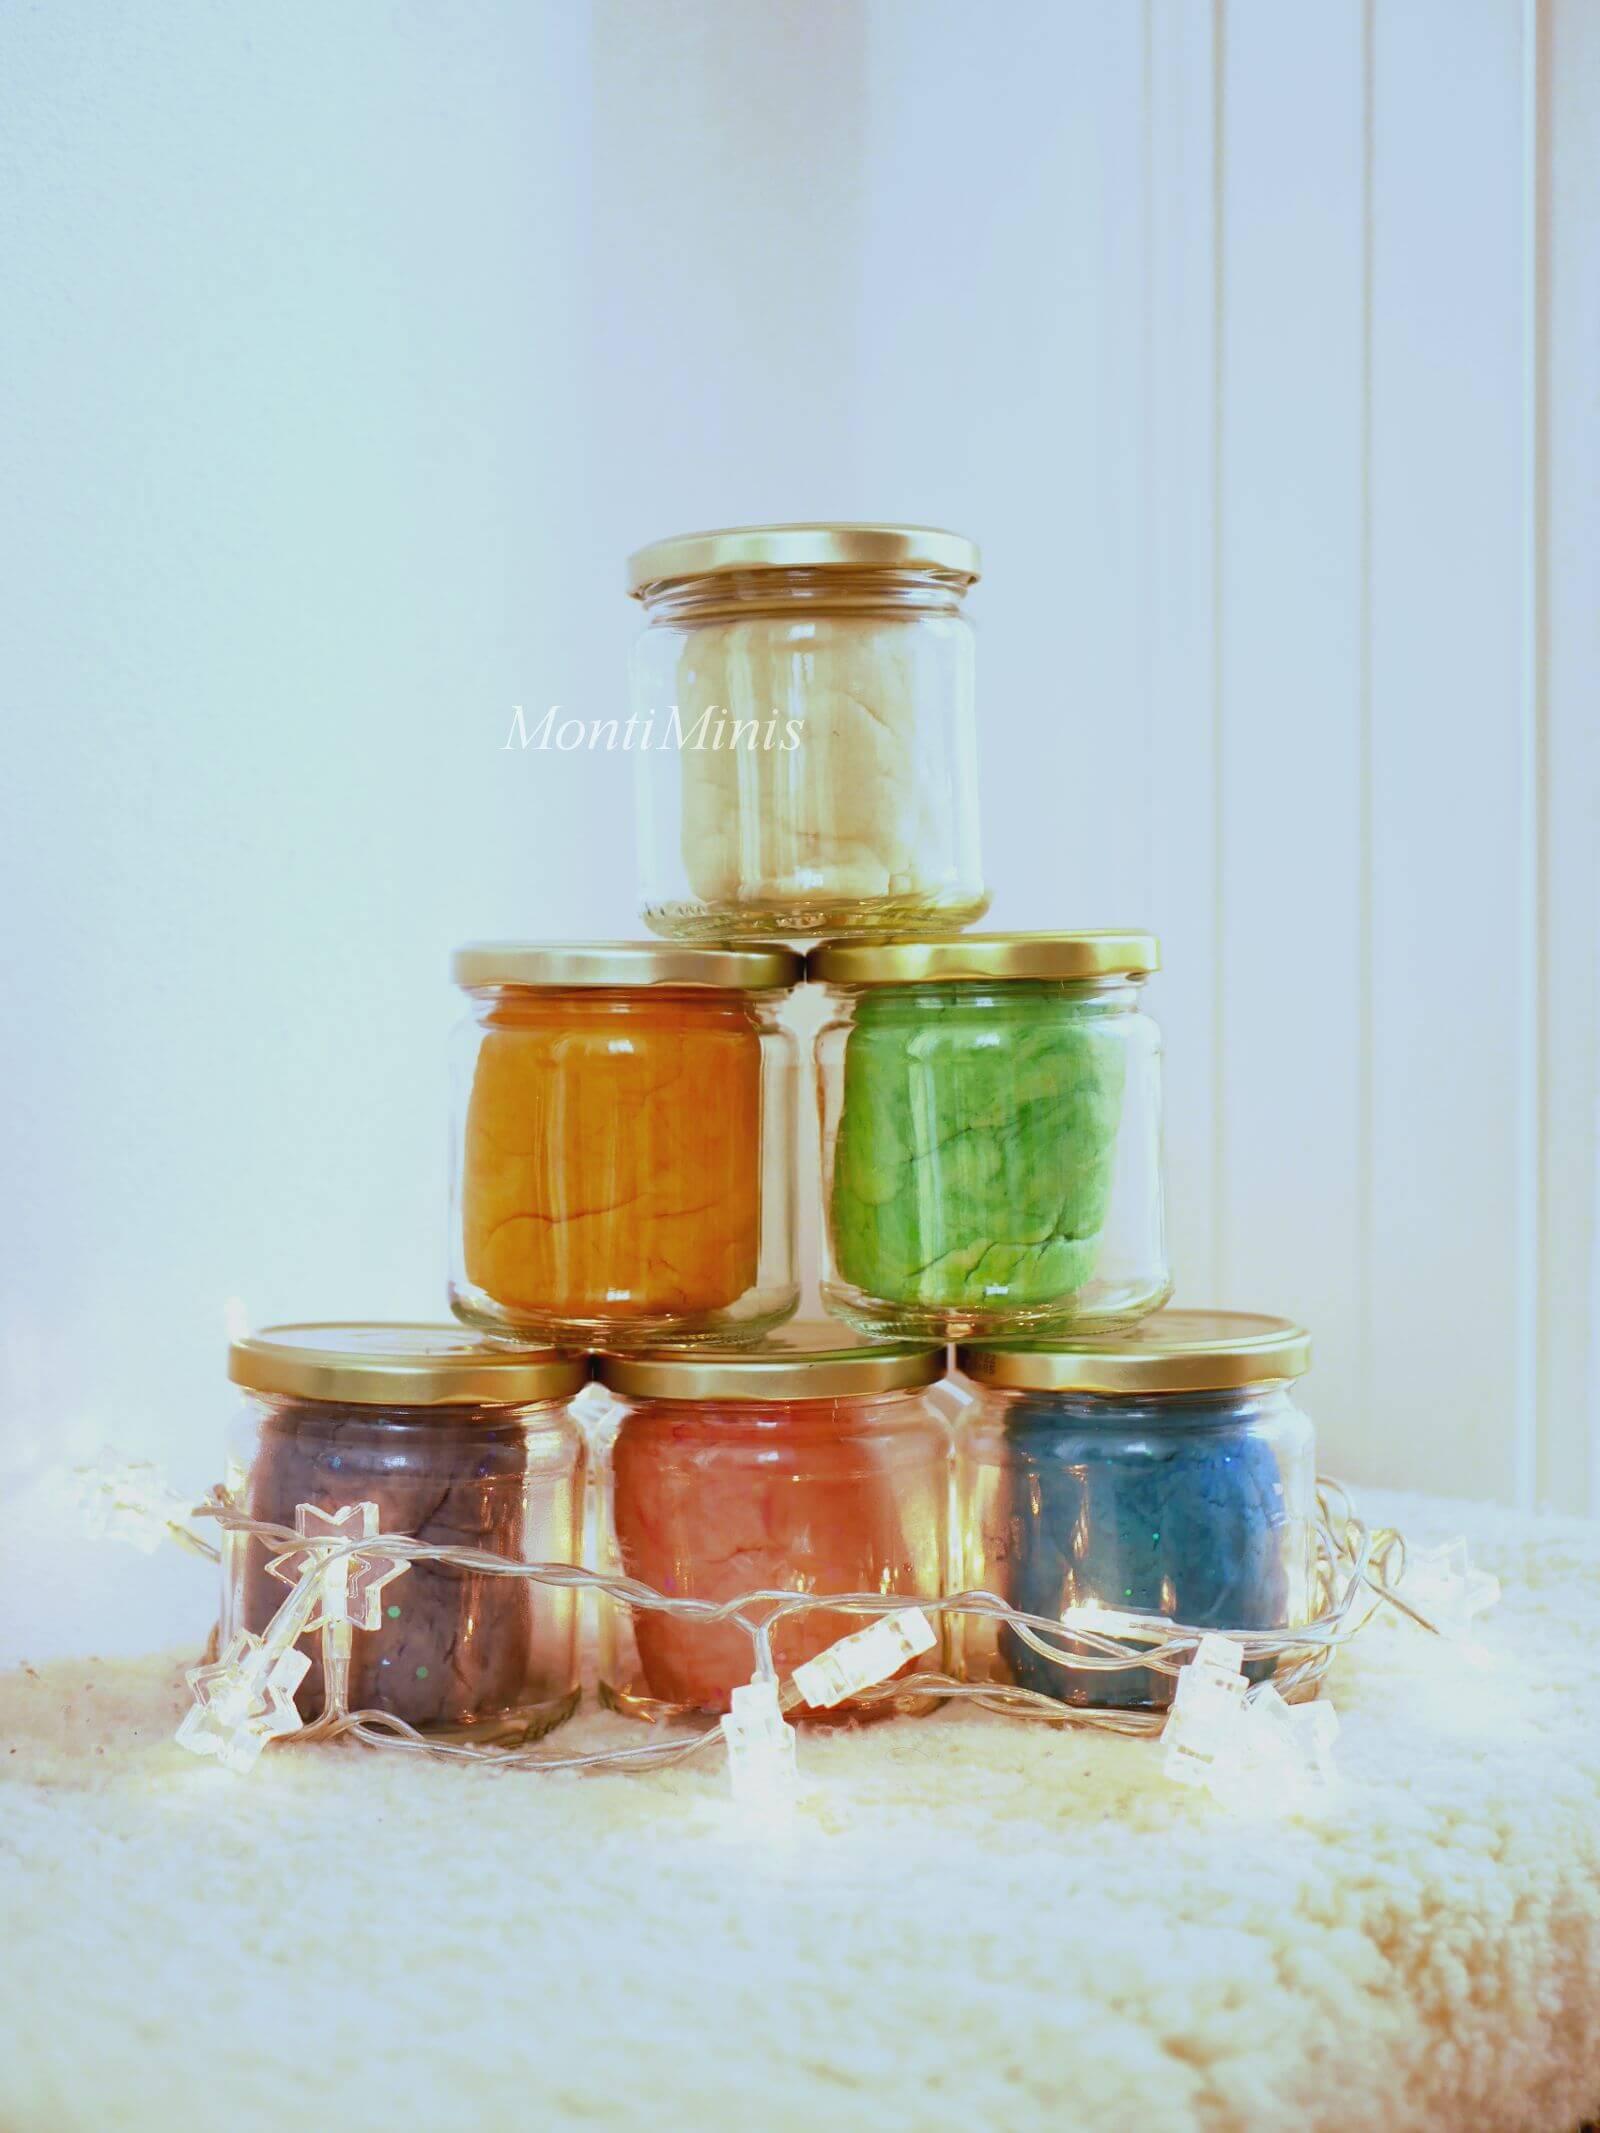 Knete selber machen, Lneterezept, DIY-Knete, Winteraktivitäten für Kinder, Winterspaß mit Kindern, Spielideen für Kinder, Basteln mit Kindern, MontiMinis.com